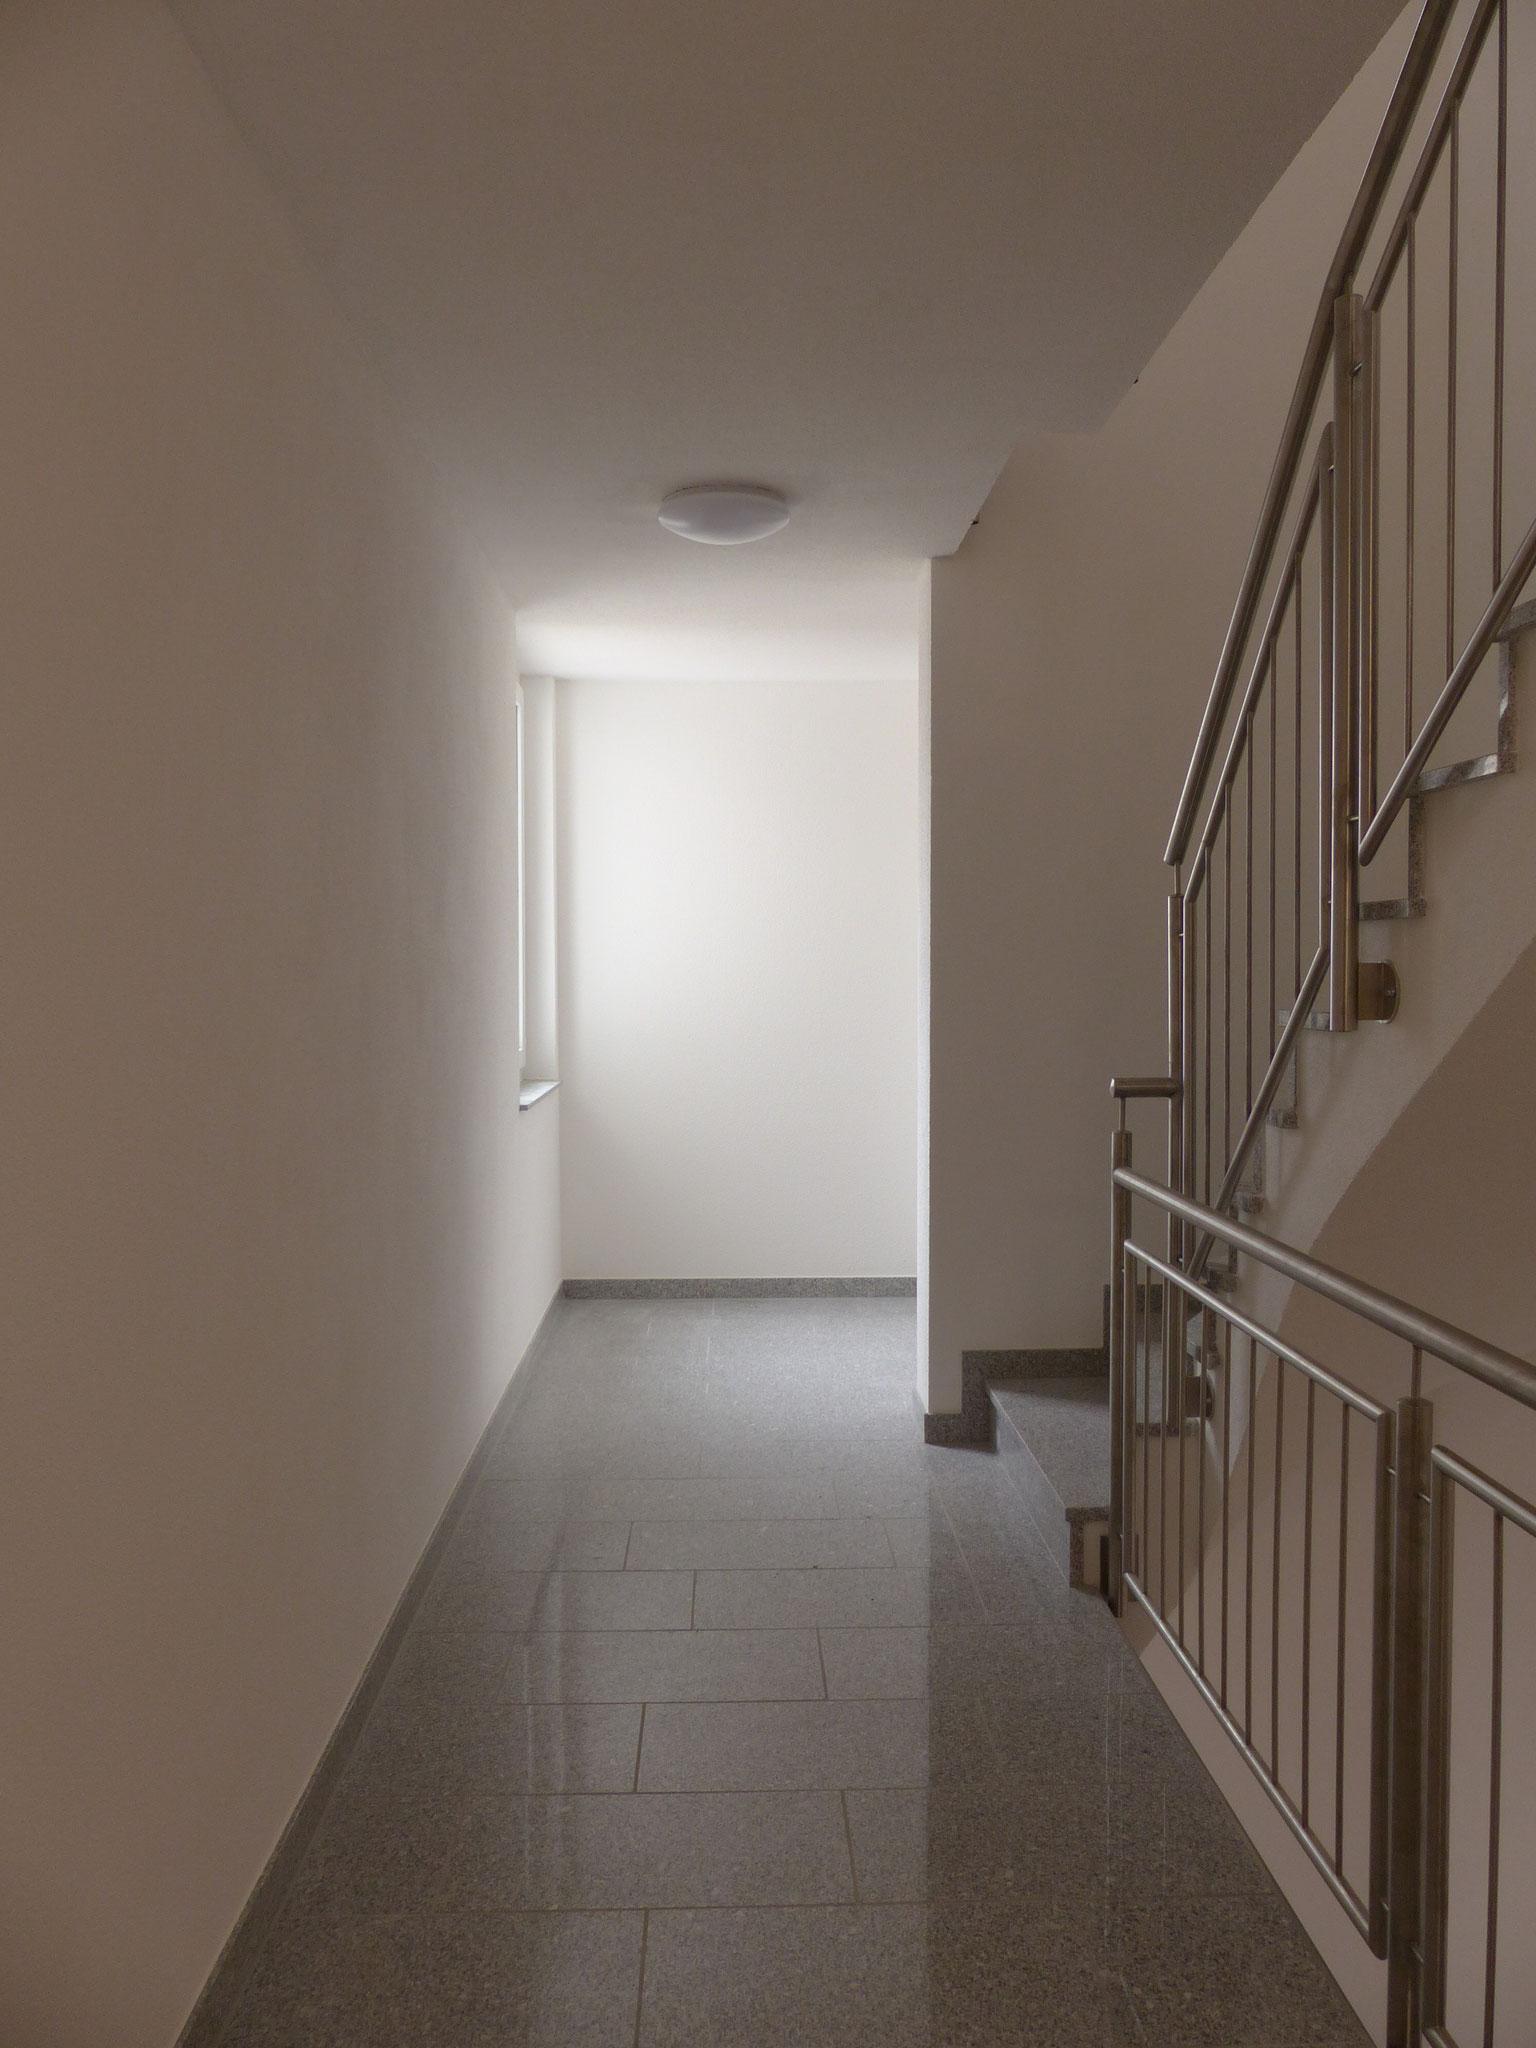 minerl. Oberputz an Wand- und Deckenflächen